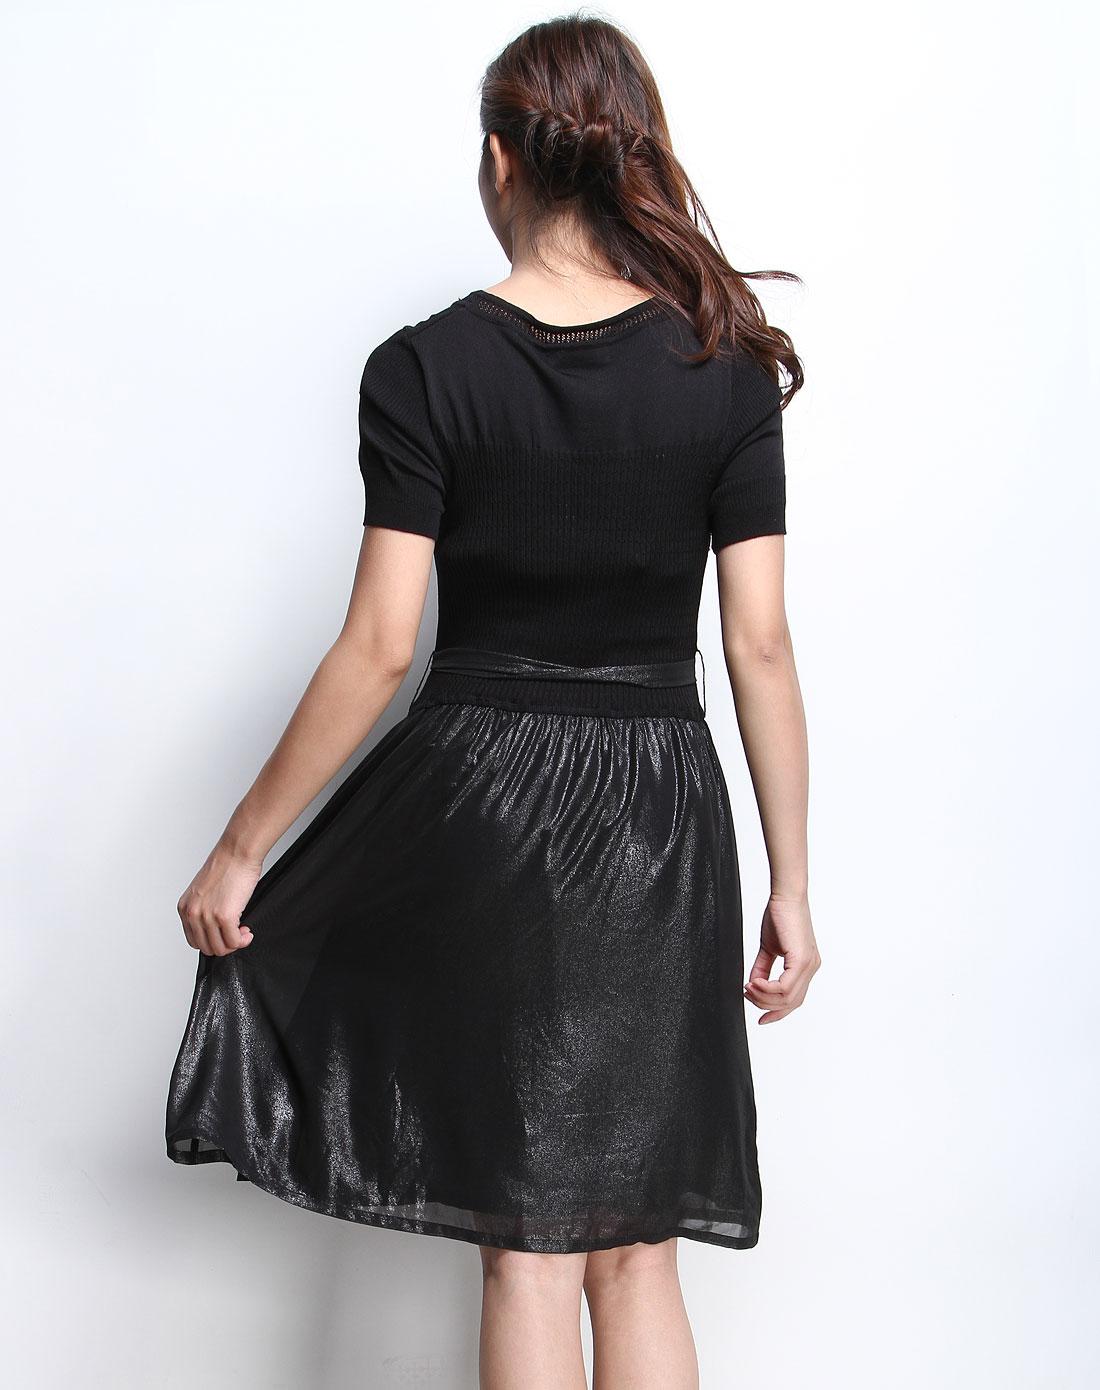 妮莹niin黑色圆领修身拼针织短袖连衣裙n032001g20